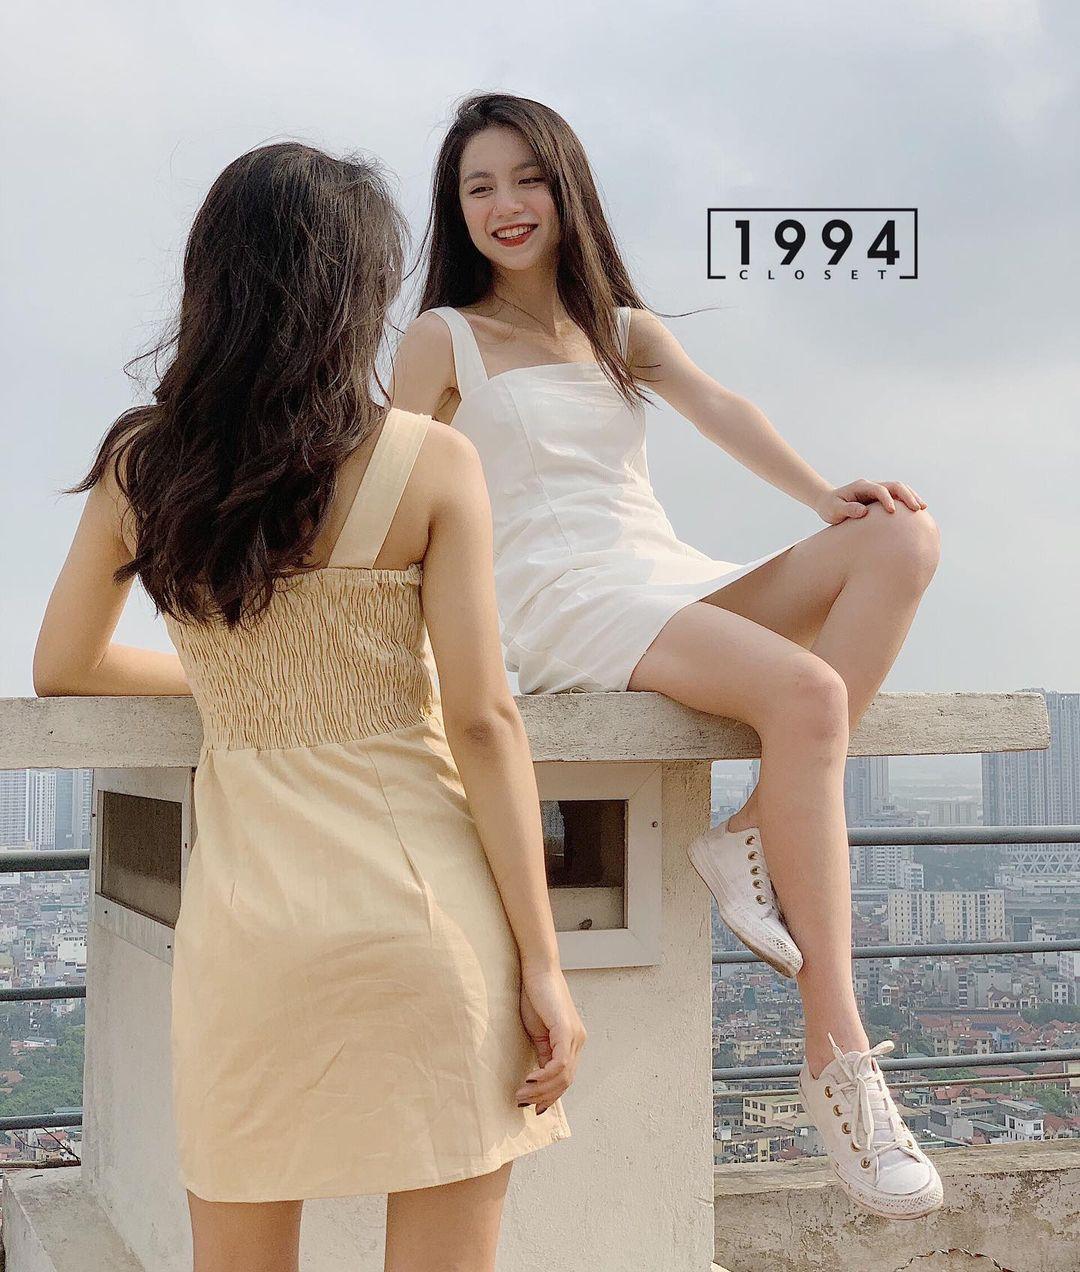 """Các shop đã về bao nhiêu váy hai dây xinh quá trời quá đất, giá chỉ từ 200k mà """"chuẩn đét"""" - Ảnh 1."""